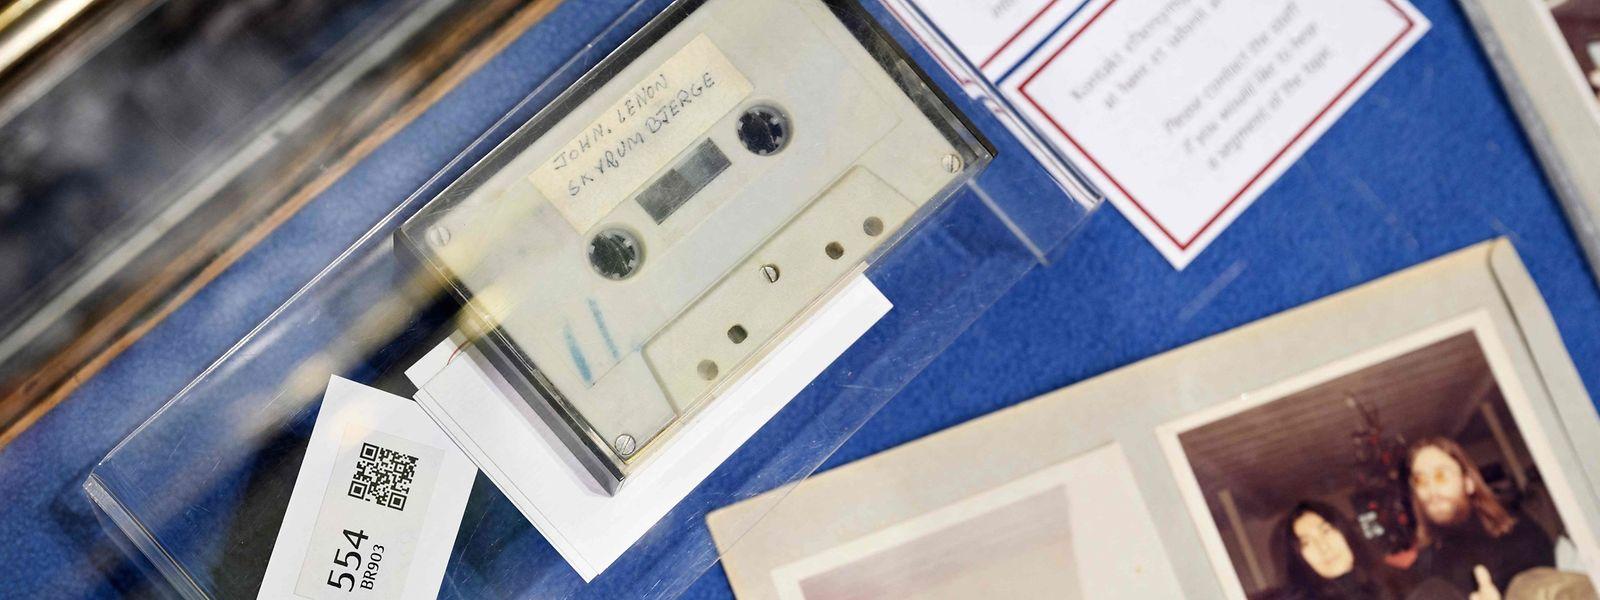 Ein Interview für die Schülerzeitung und ein unveröffentlichter Lennon-Song – dieser Inhalt macht die Kassette so wertvoll.